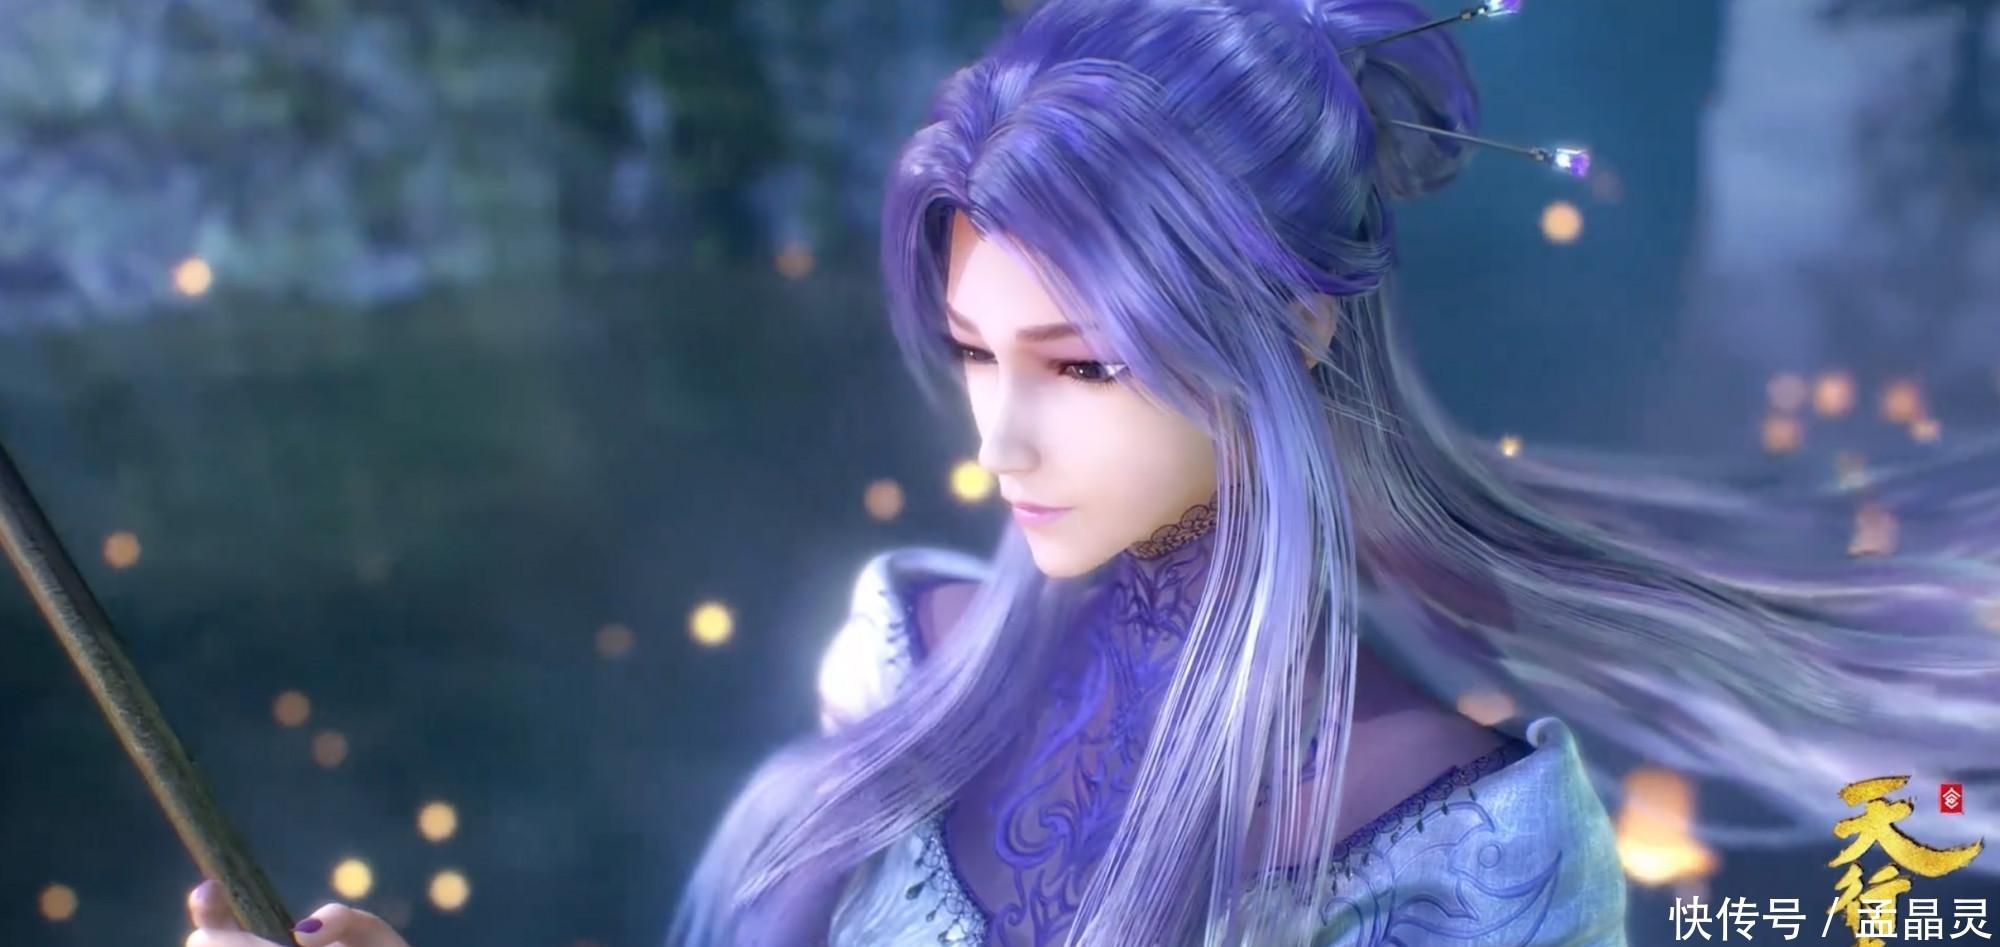 天行九歌官方公布四位新女角色,紫女的母亲登场,韩非有小老婆了